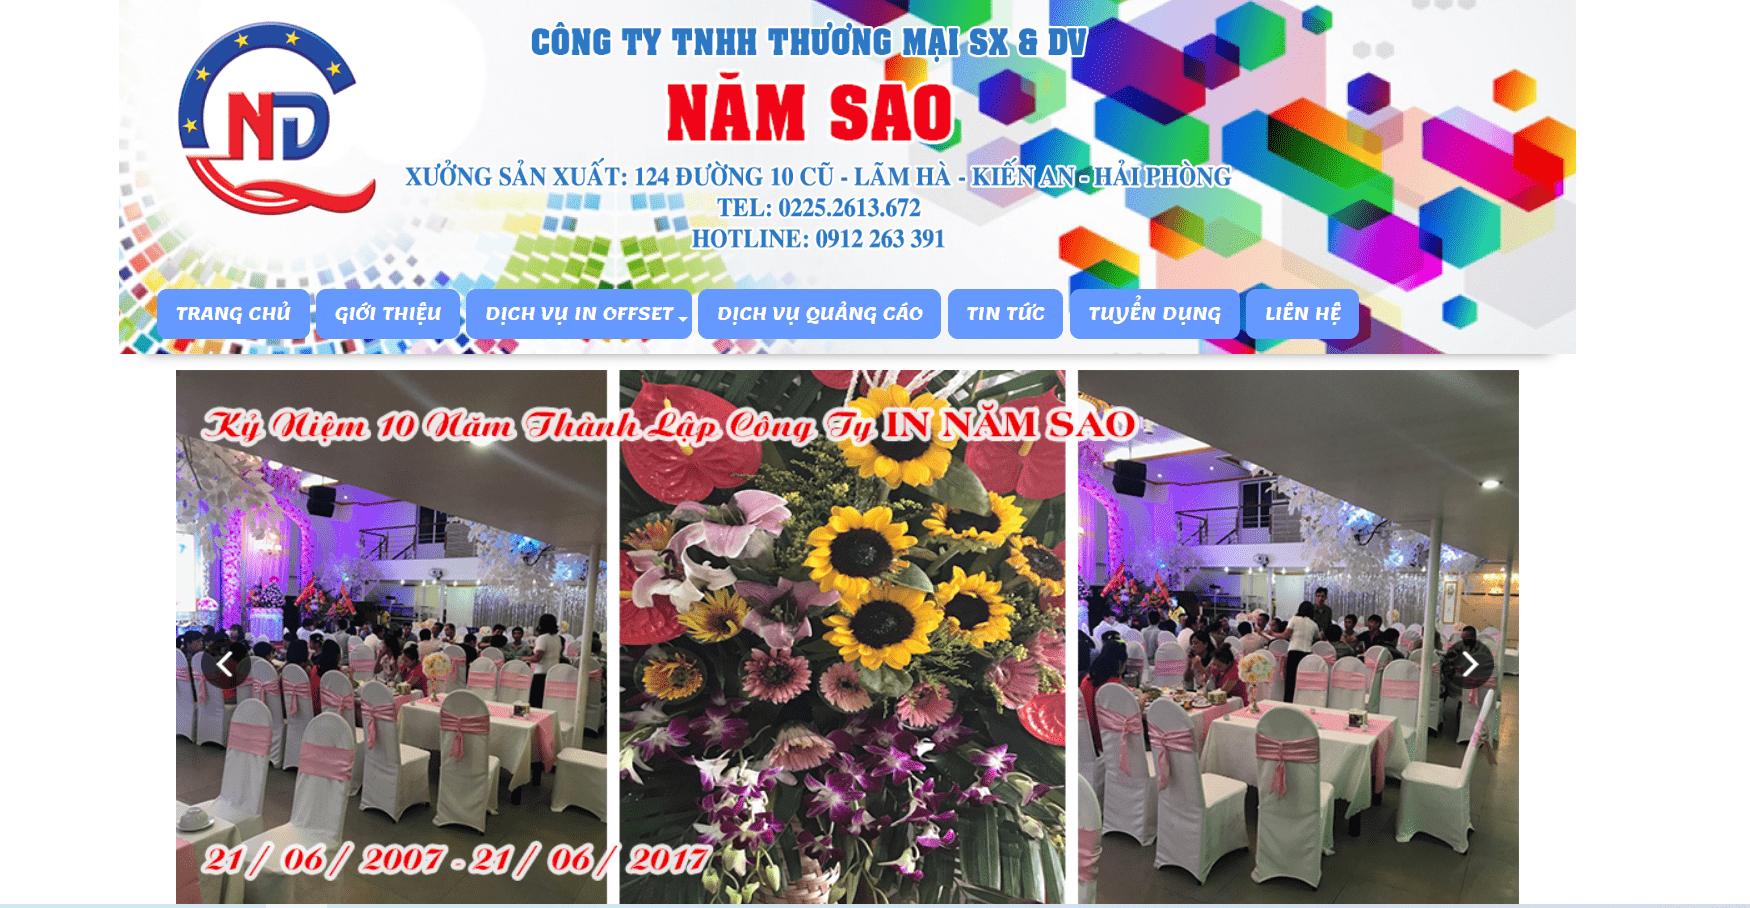 Công Ty TNHH Thương Mại SX & DV NĂM SAO